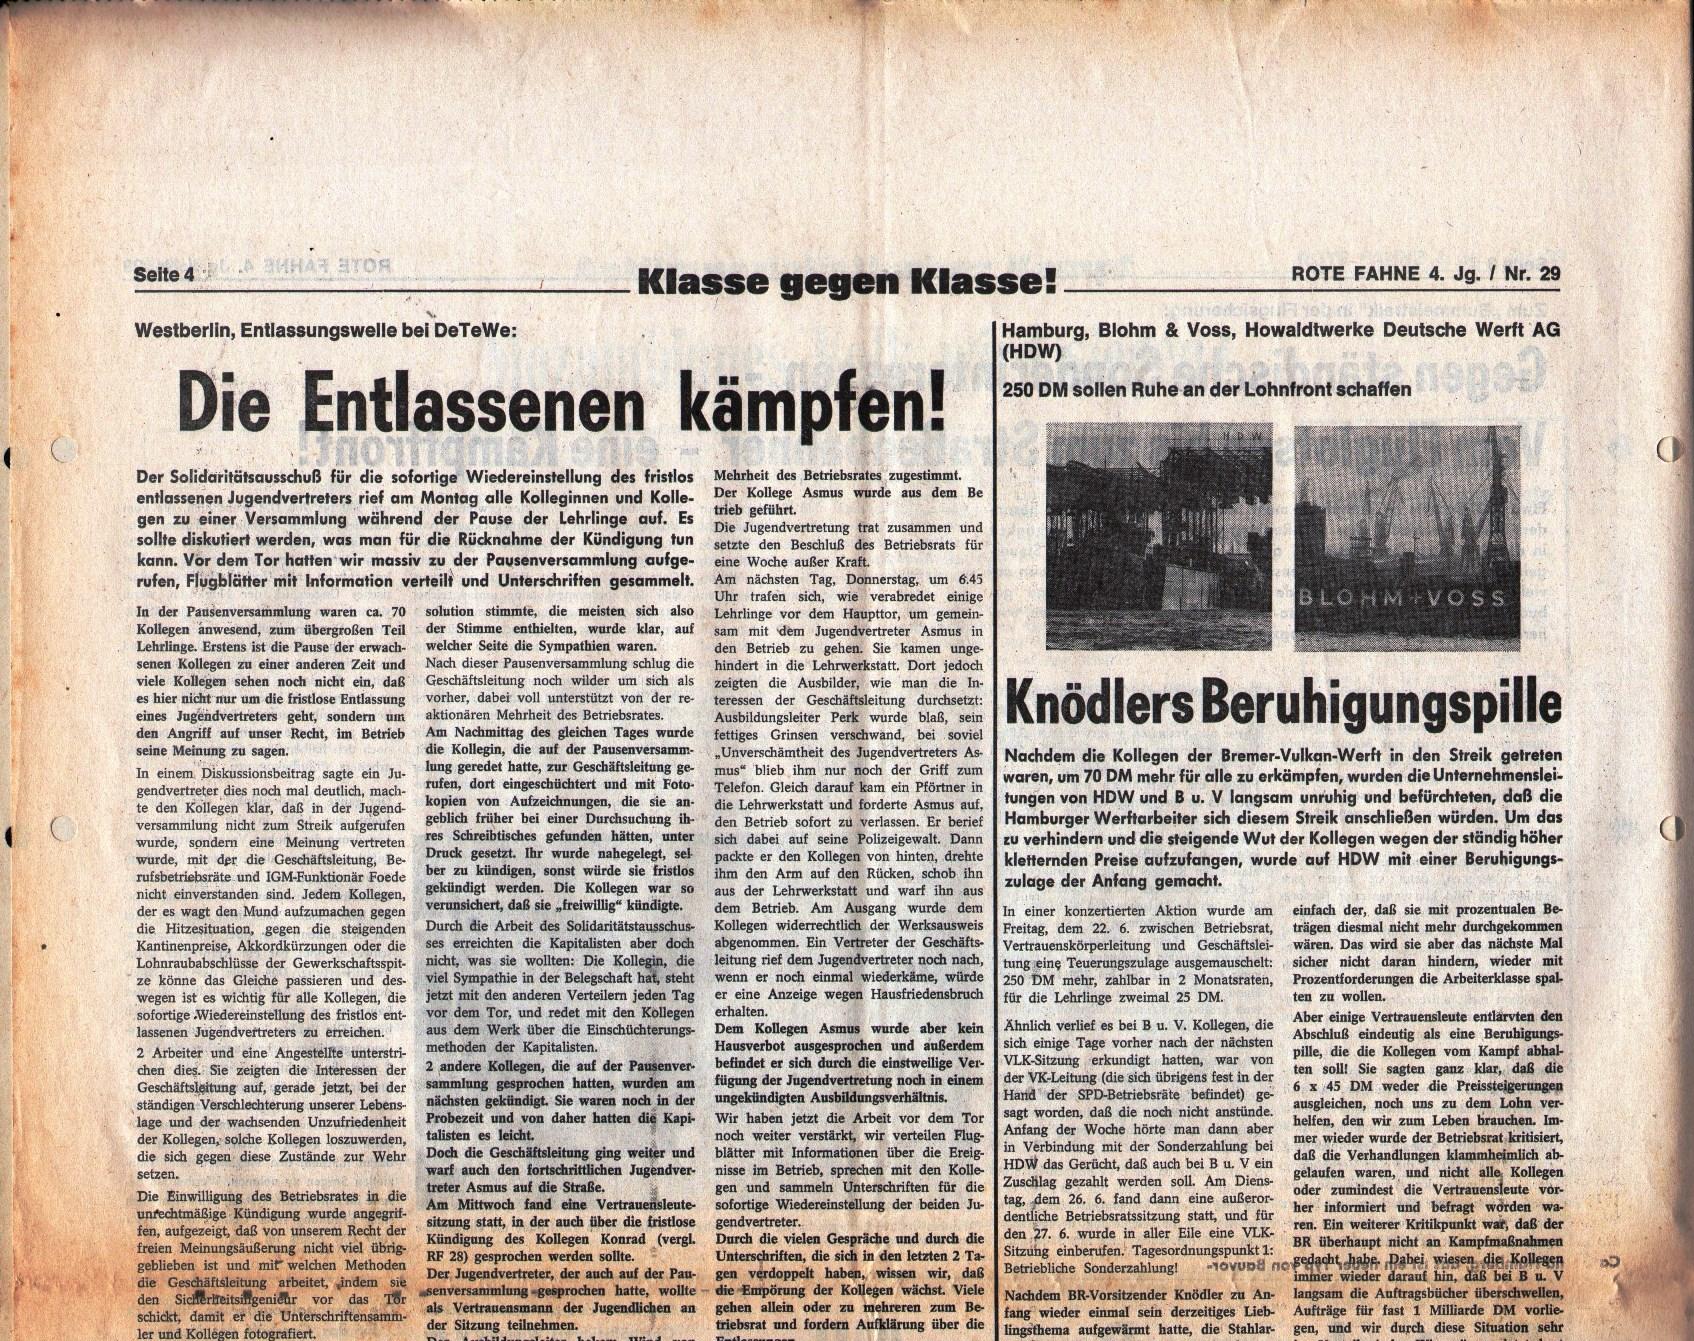 KPD_Rote_Fahne_1973_29_07